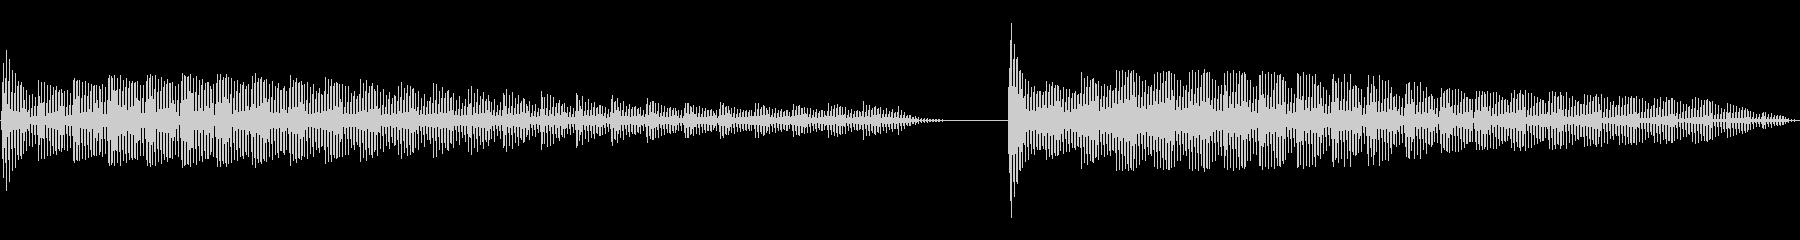 上昇、上昇、高、SCI FI、2バ...の未再生の波形